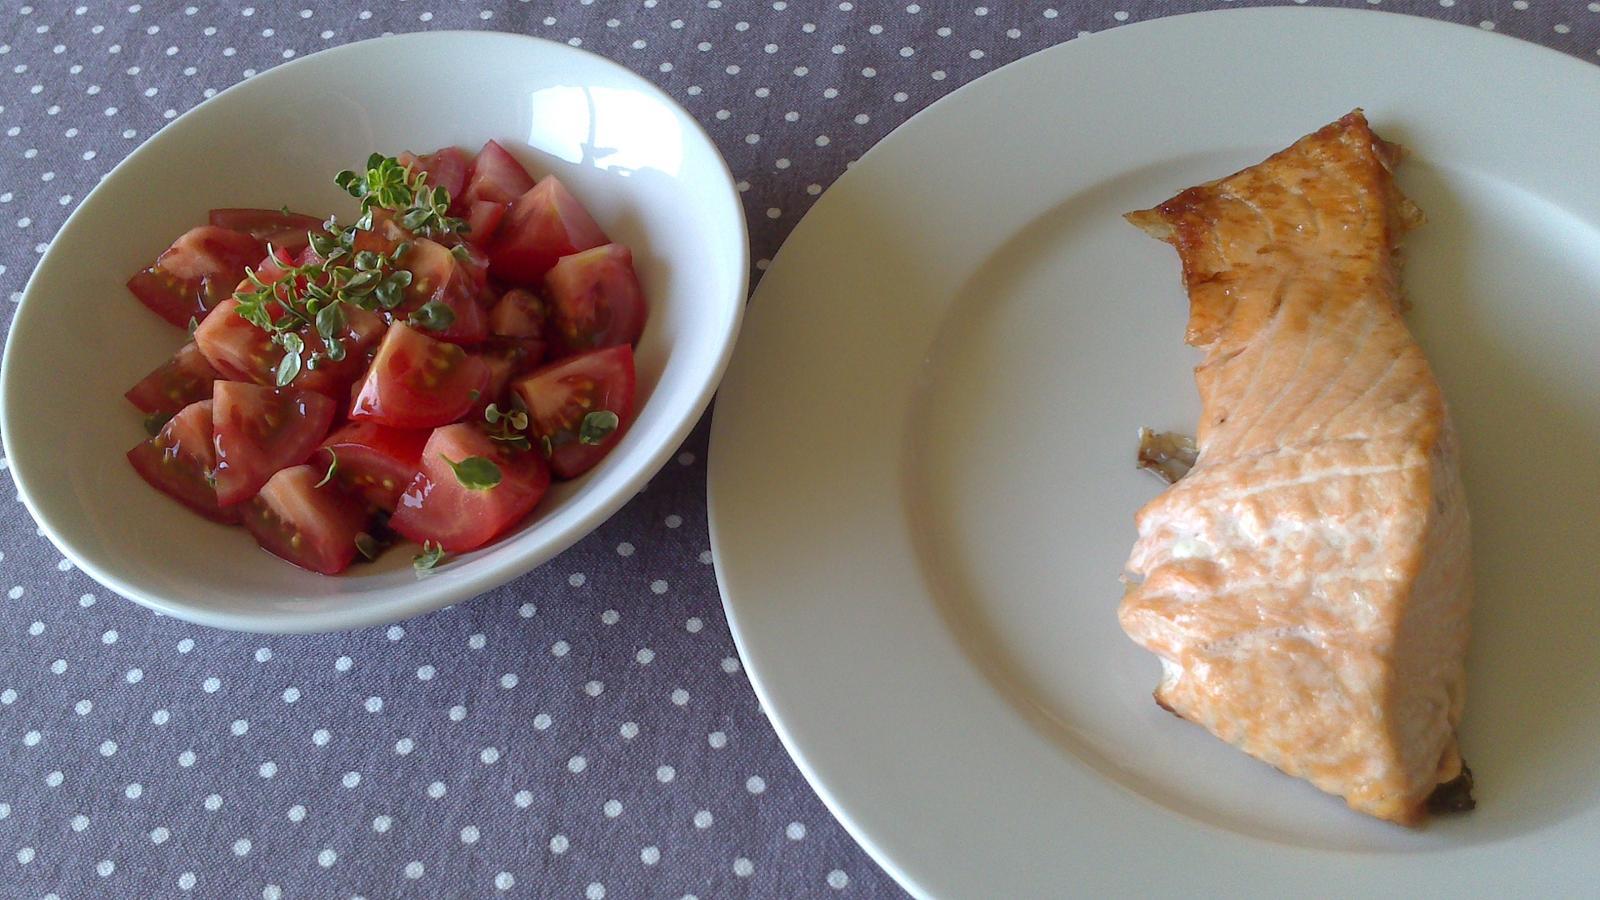 A občas i vařím... - Čerstvý losos + rajčata, balzamico, olivový olej, tymián + bílý italský chléb + trochu sektu = LÉTO